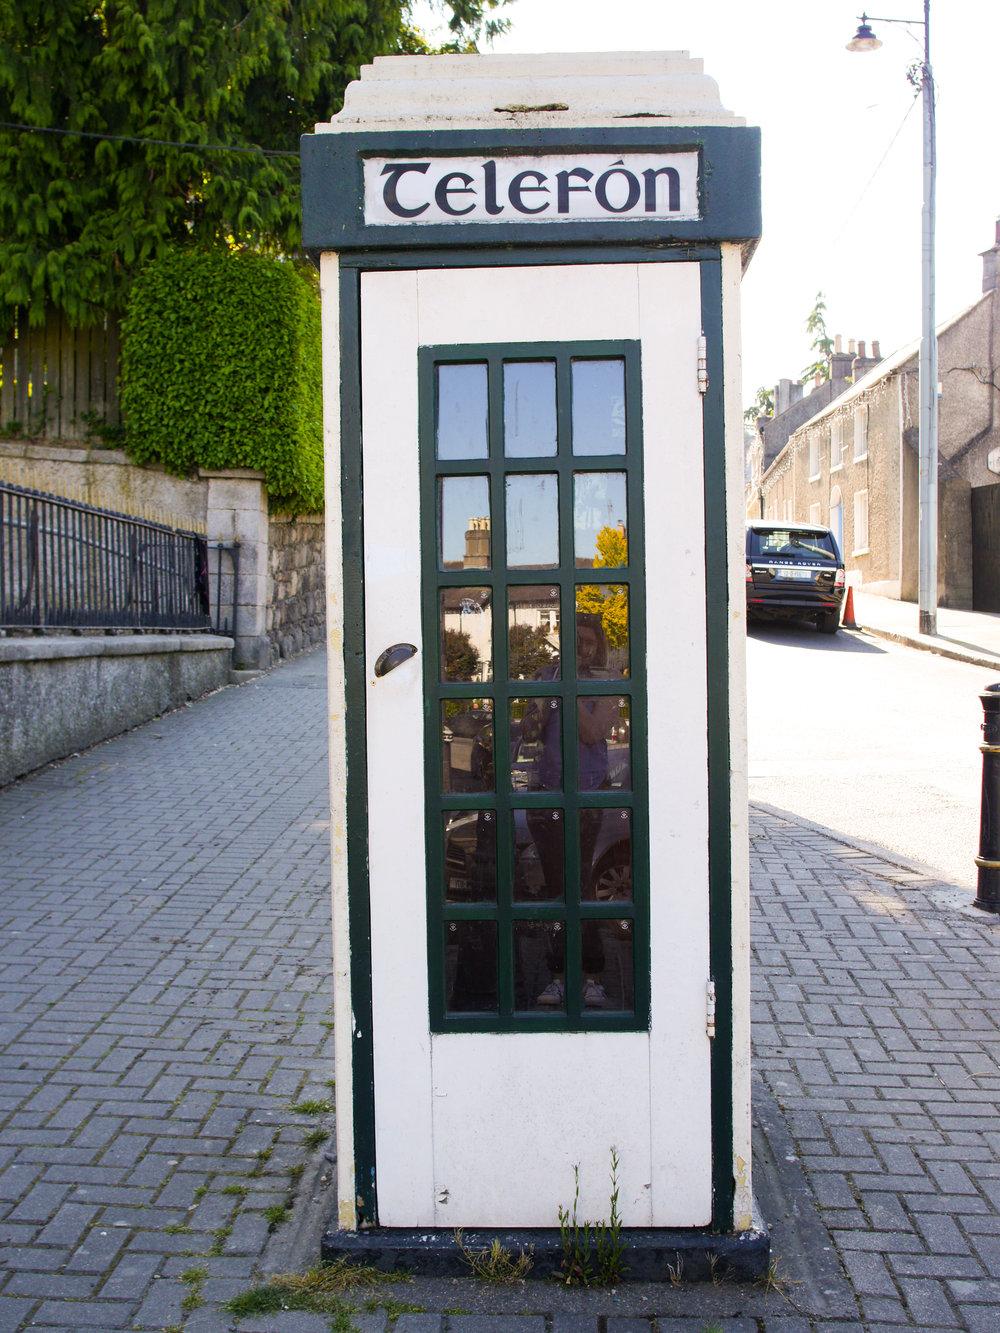 Irish Telefón Box in Enniskerry Village, Wicklow, Ireland